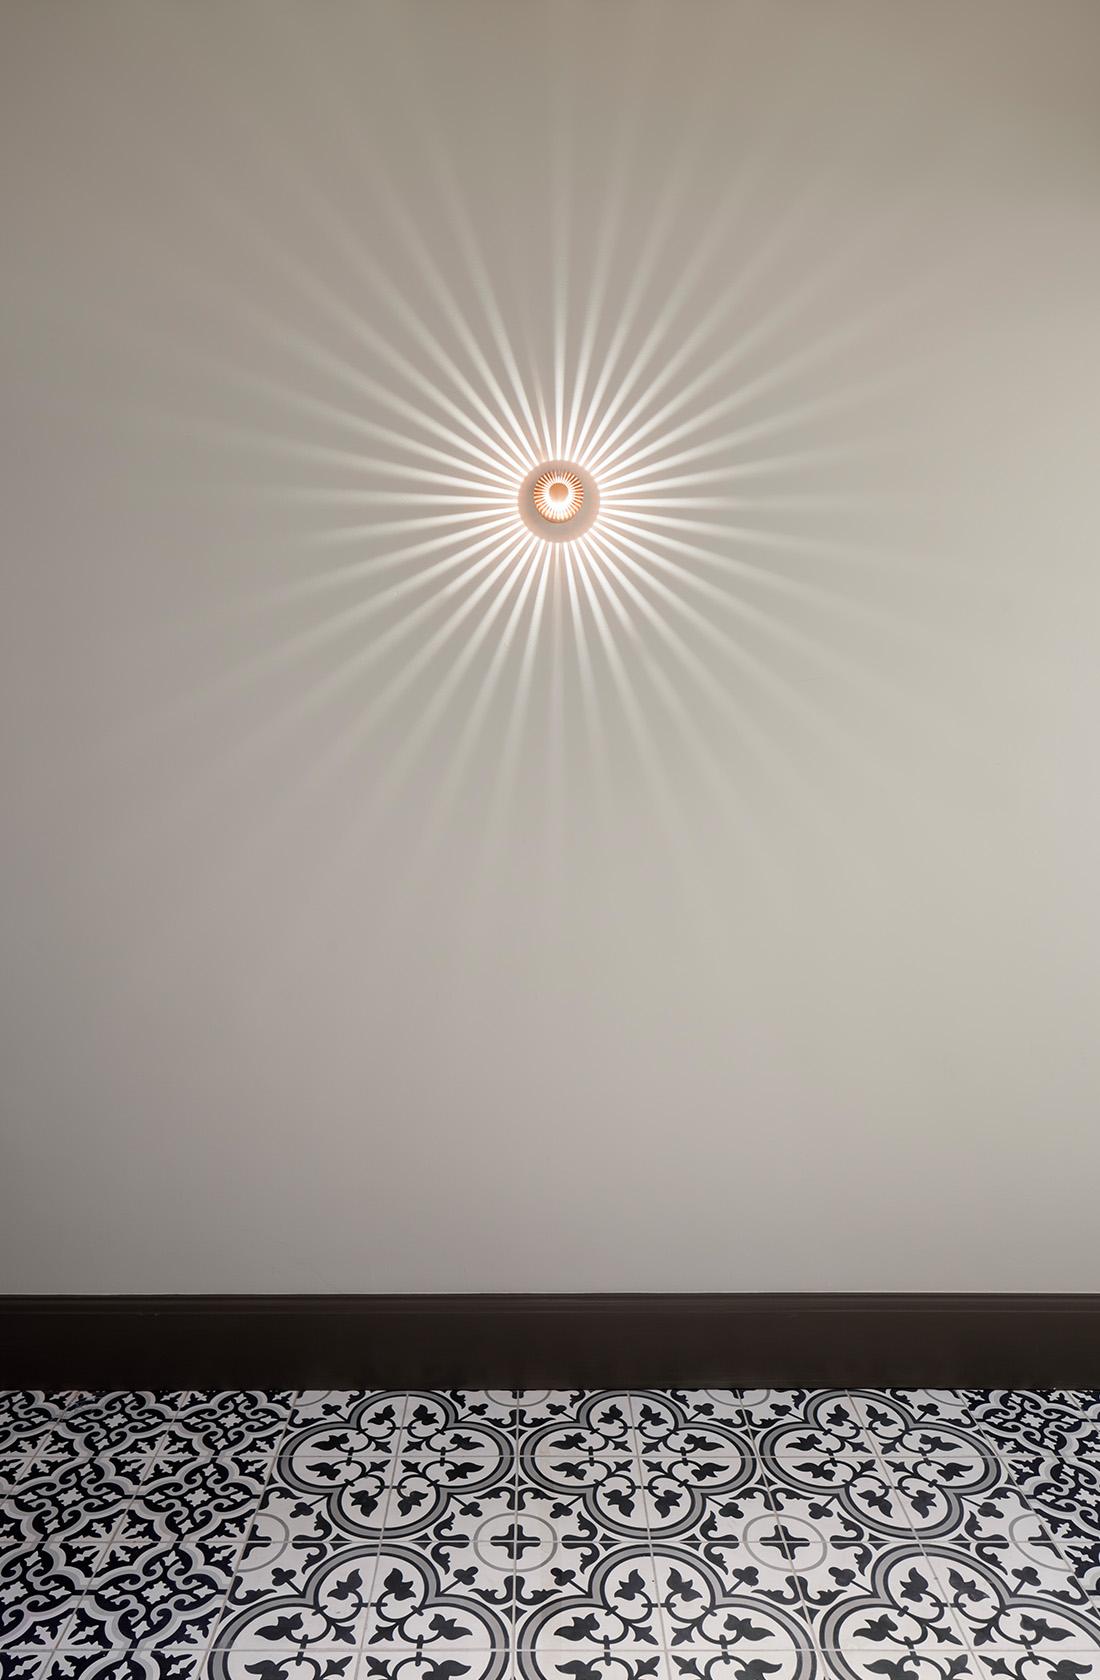 Upplyst lampa på vägg